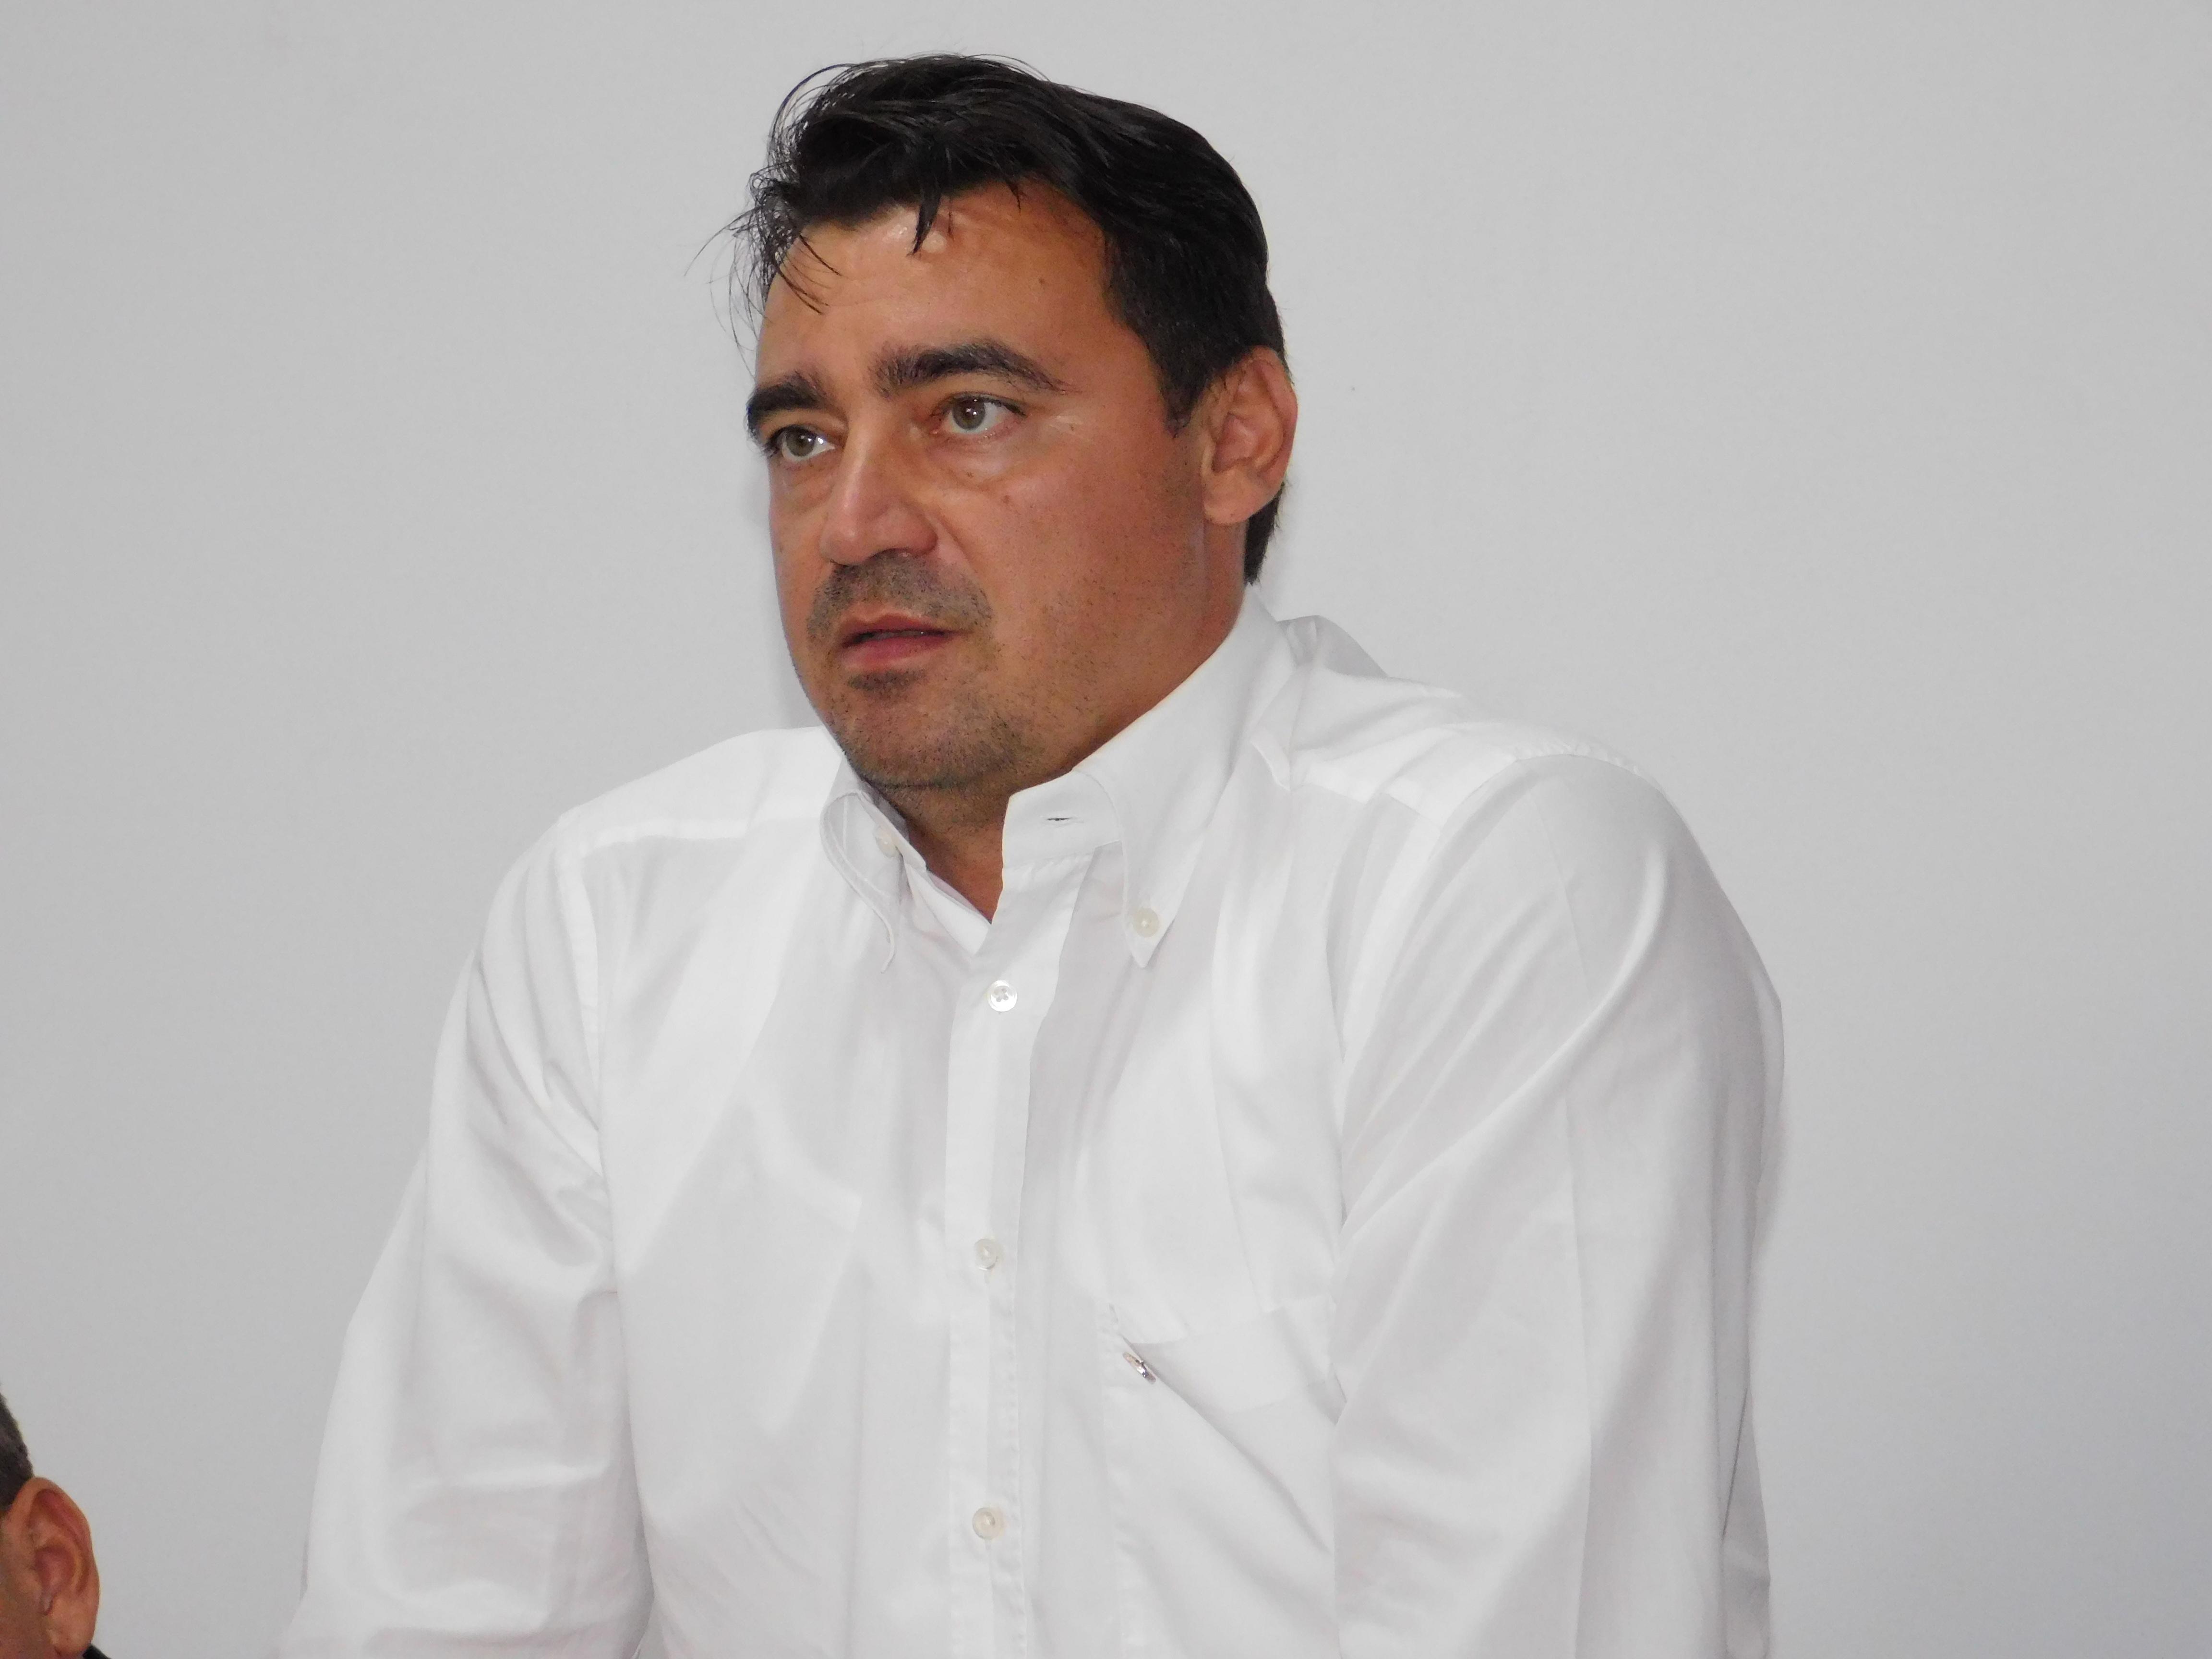 Andrei Stoican arată cum trebuie să fie un președinte al României 21